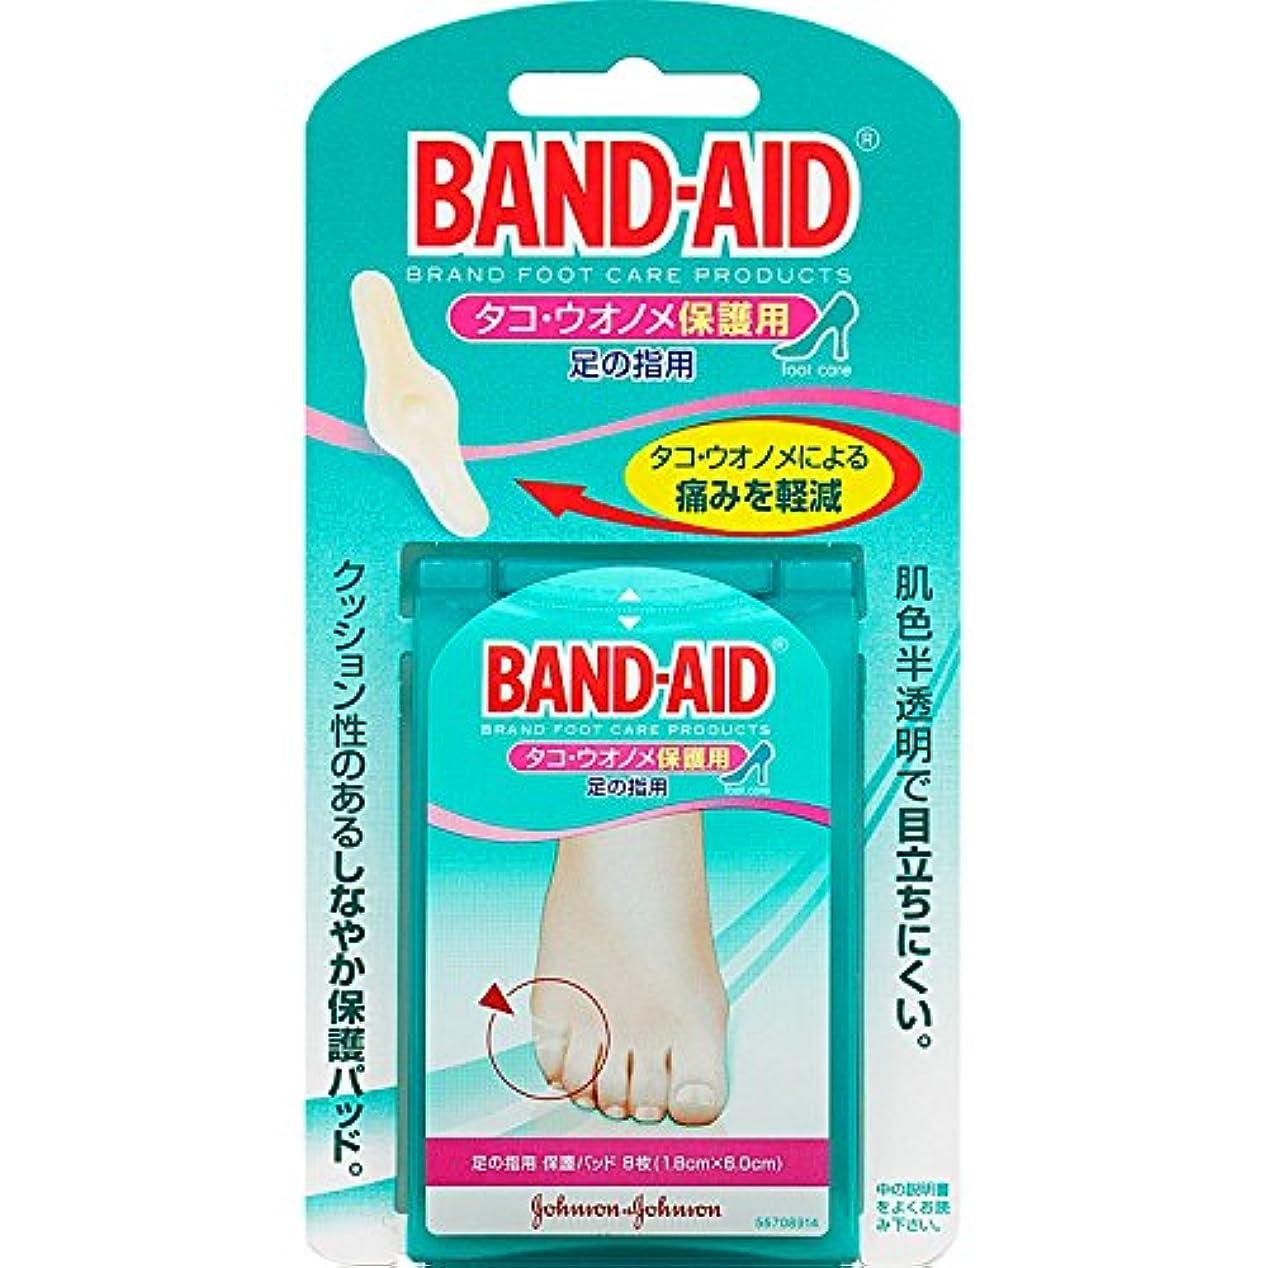 美容師から不規則性BAND-AID(バンドエイド) タコ?ウオノメ保護用 足の指用 8枚